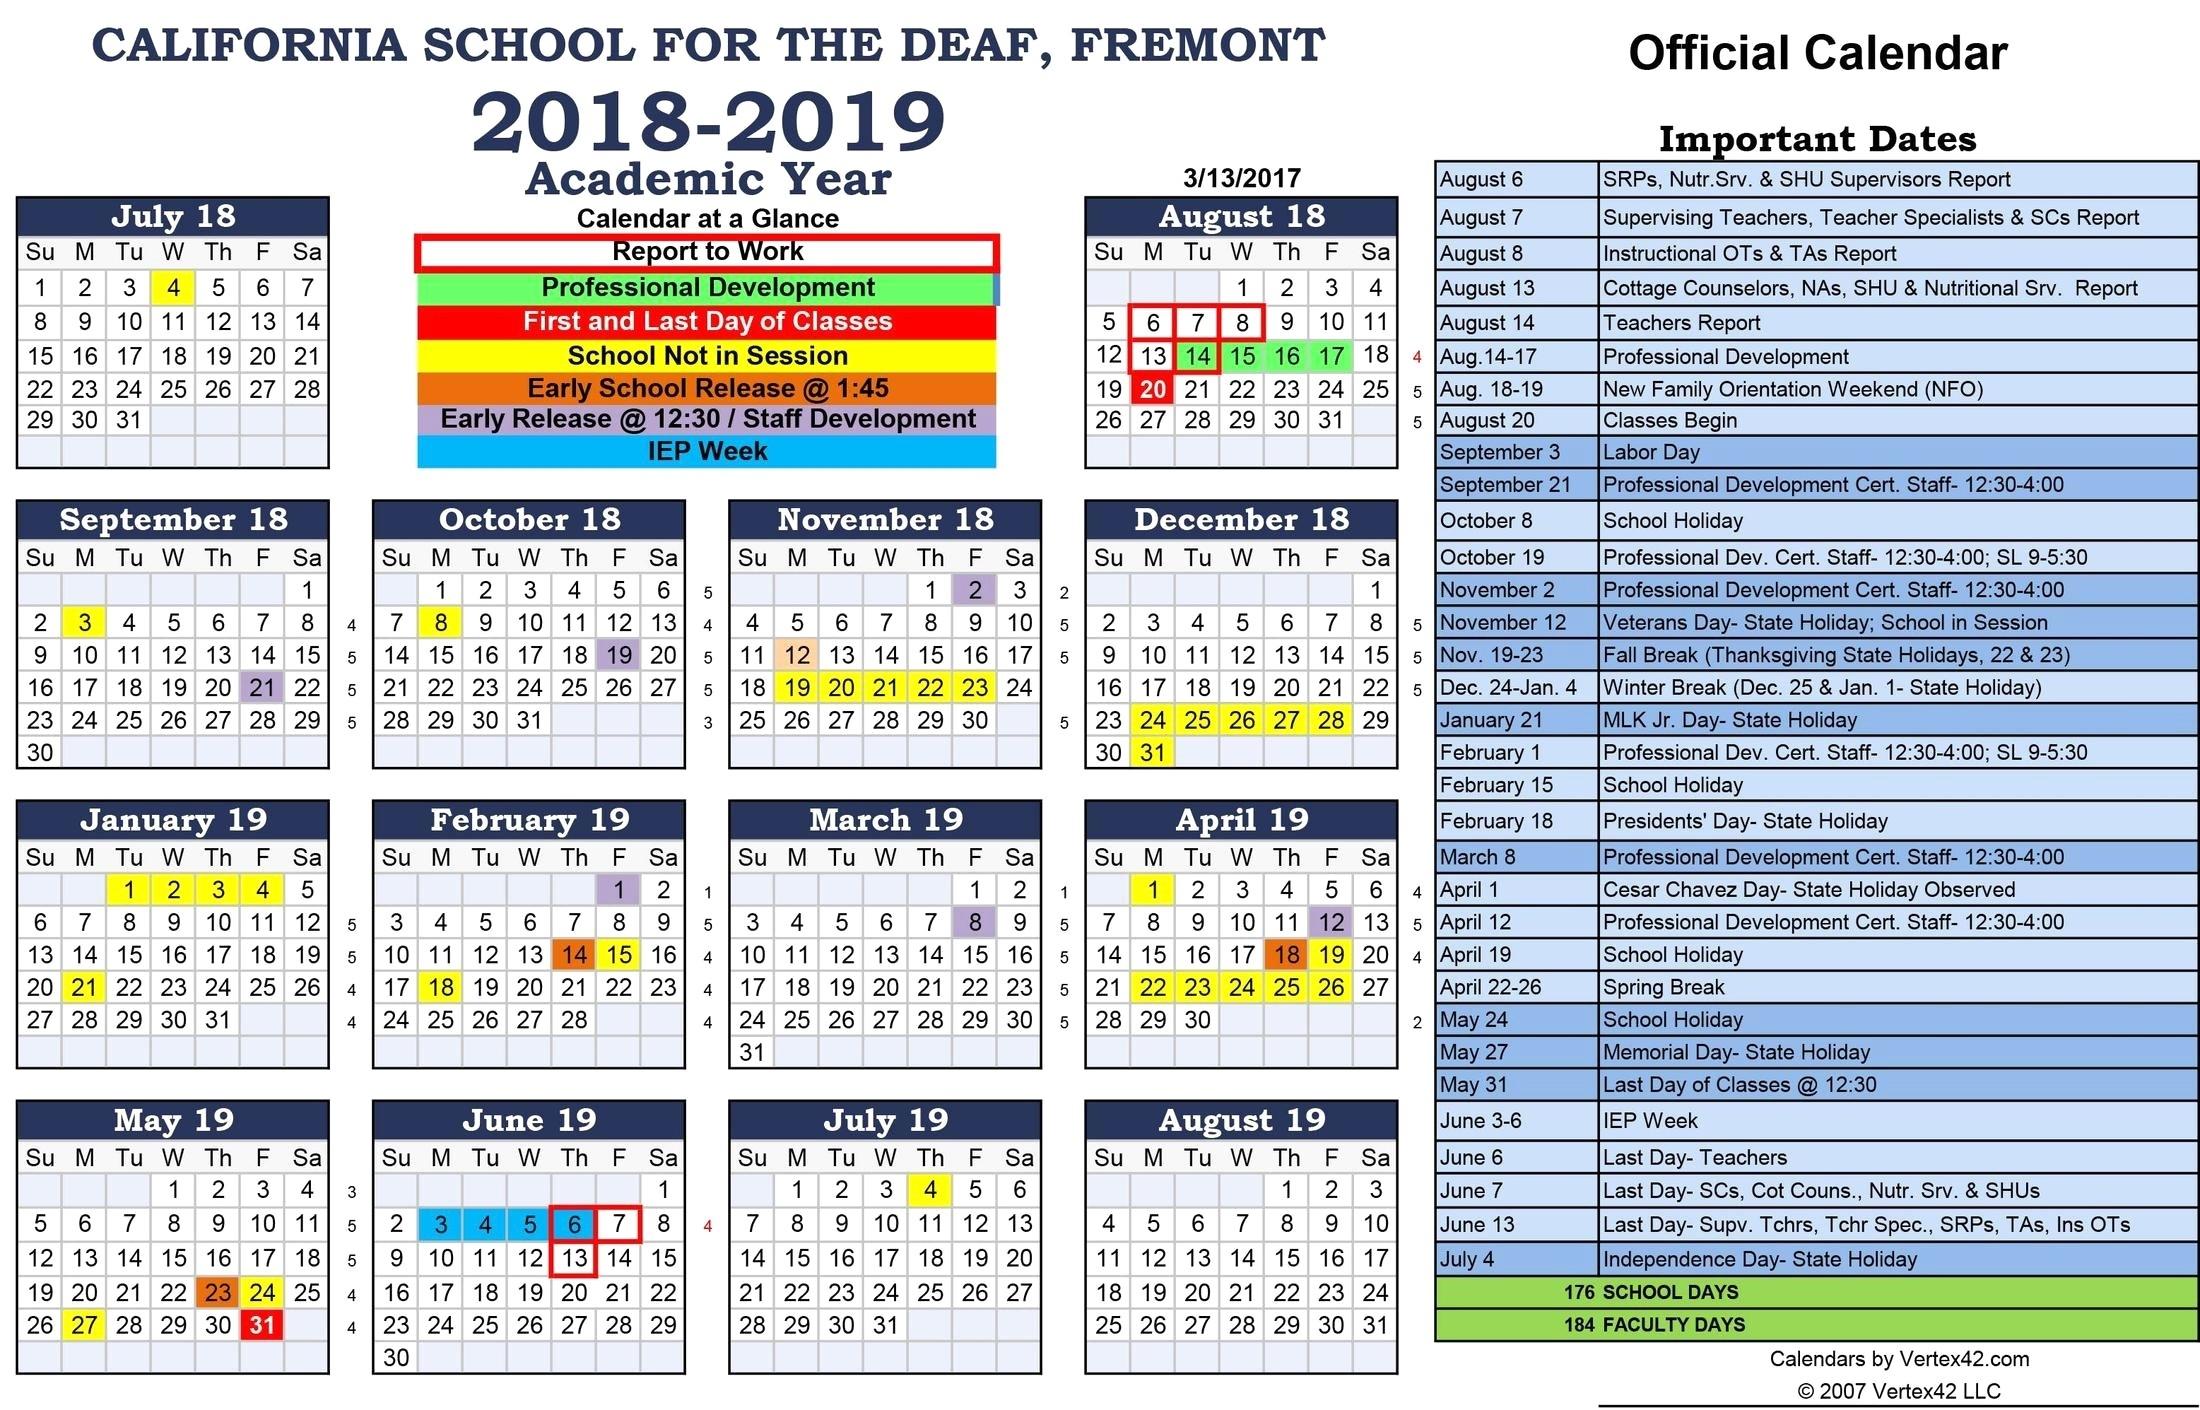 Uc Berkeley Academic Calendar 2017 | Calendar For Planning for Uc Berkely Academic Calendar